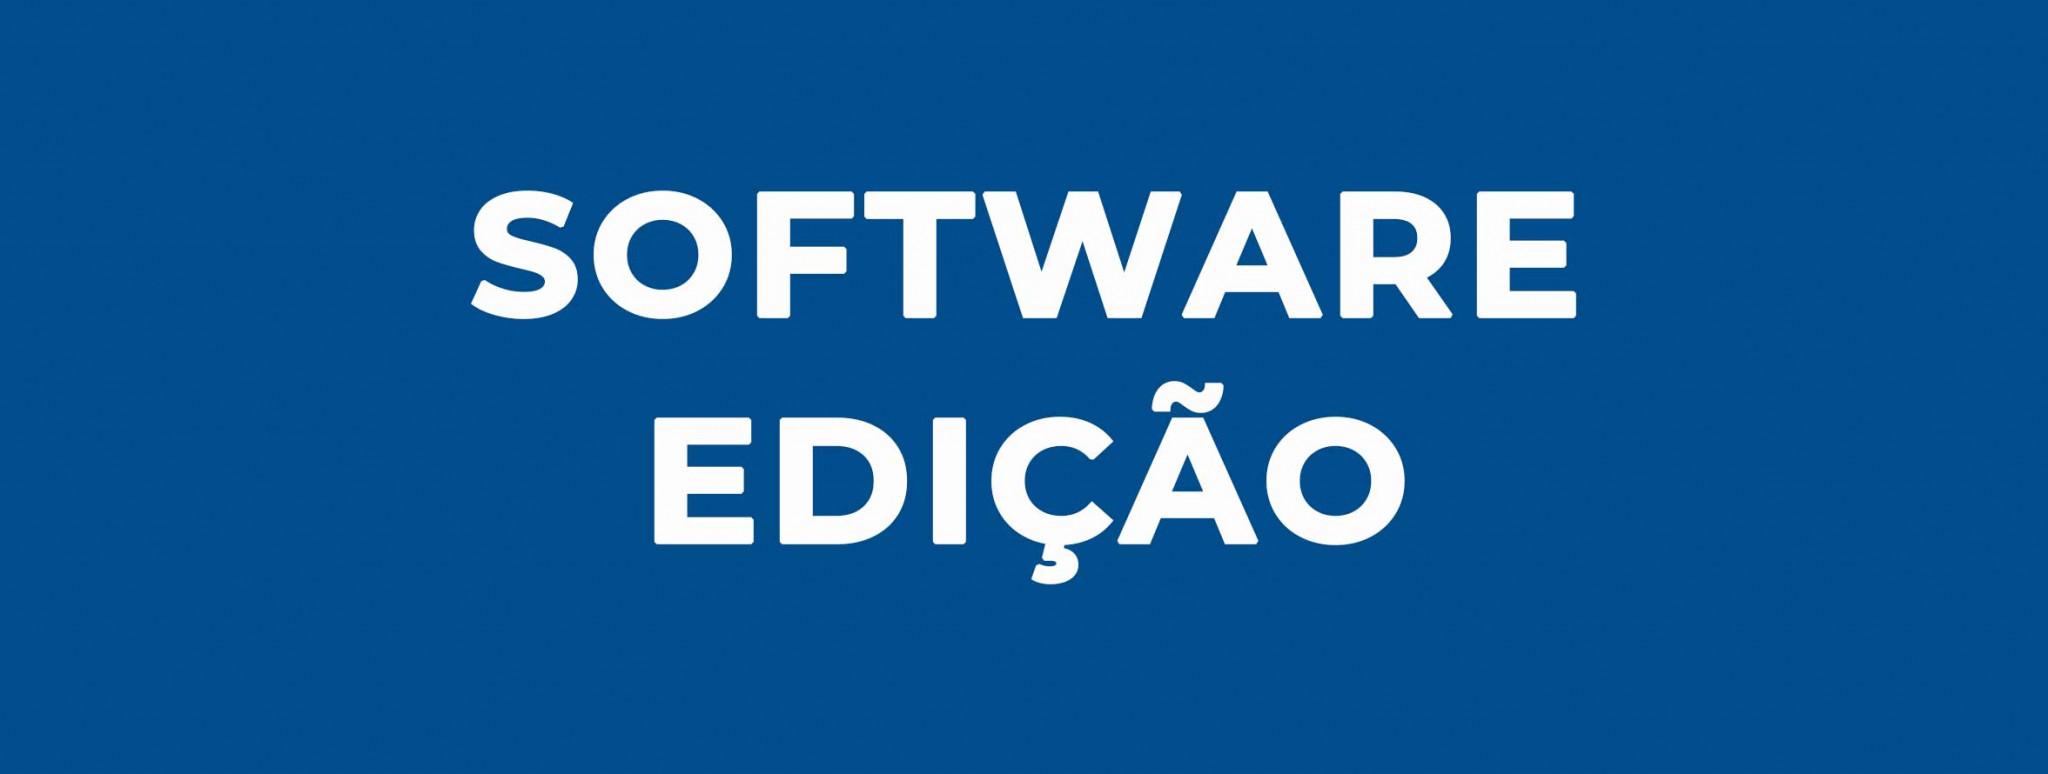 Software Edição